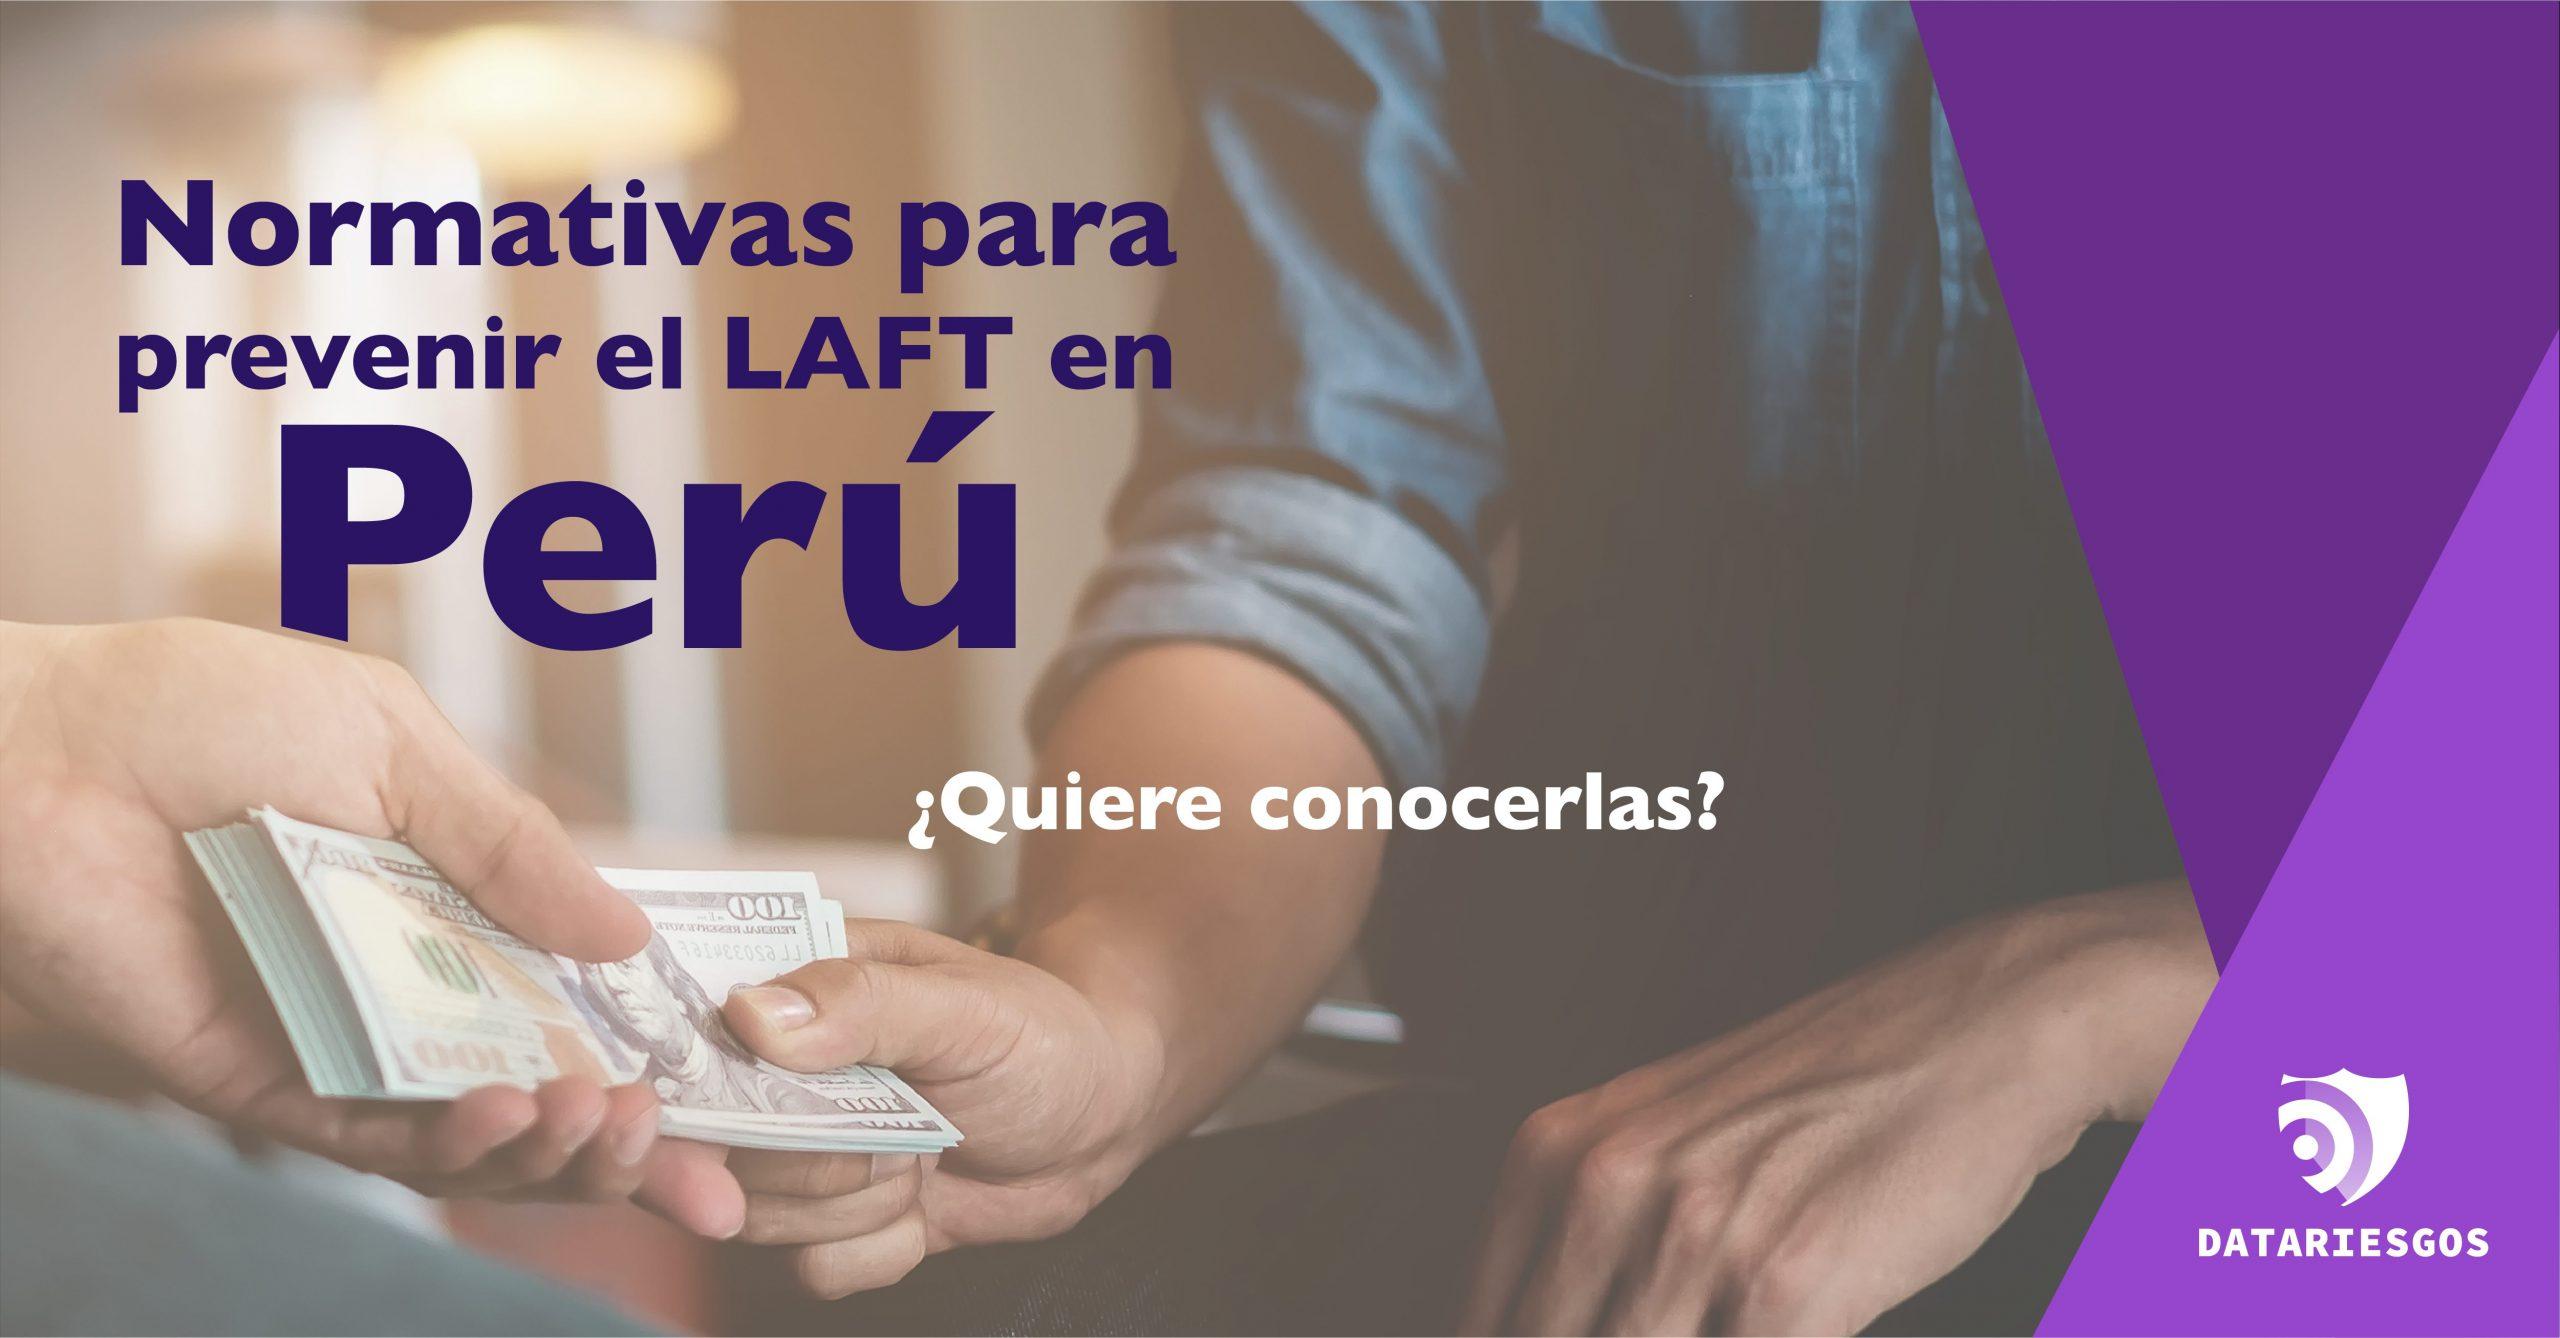 Normas de la prevención del LAFT en Perú